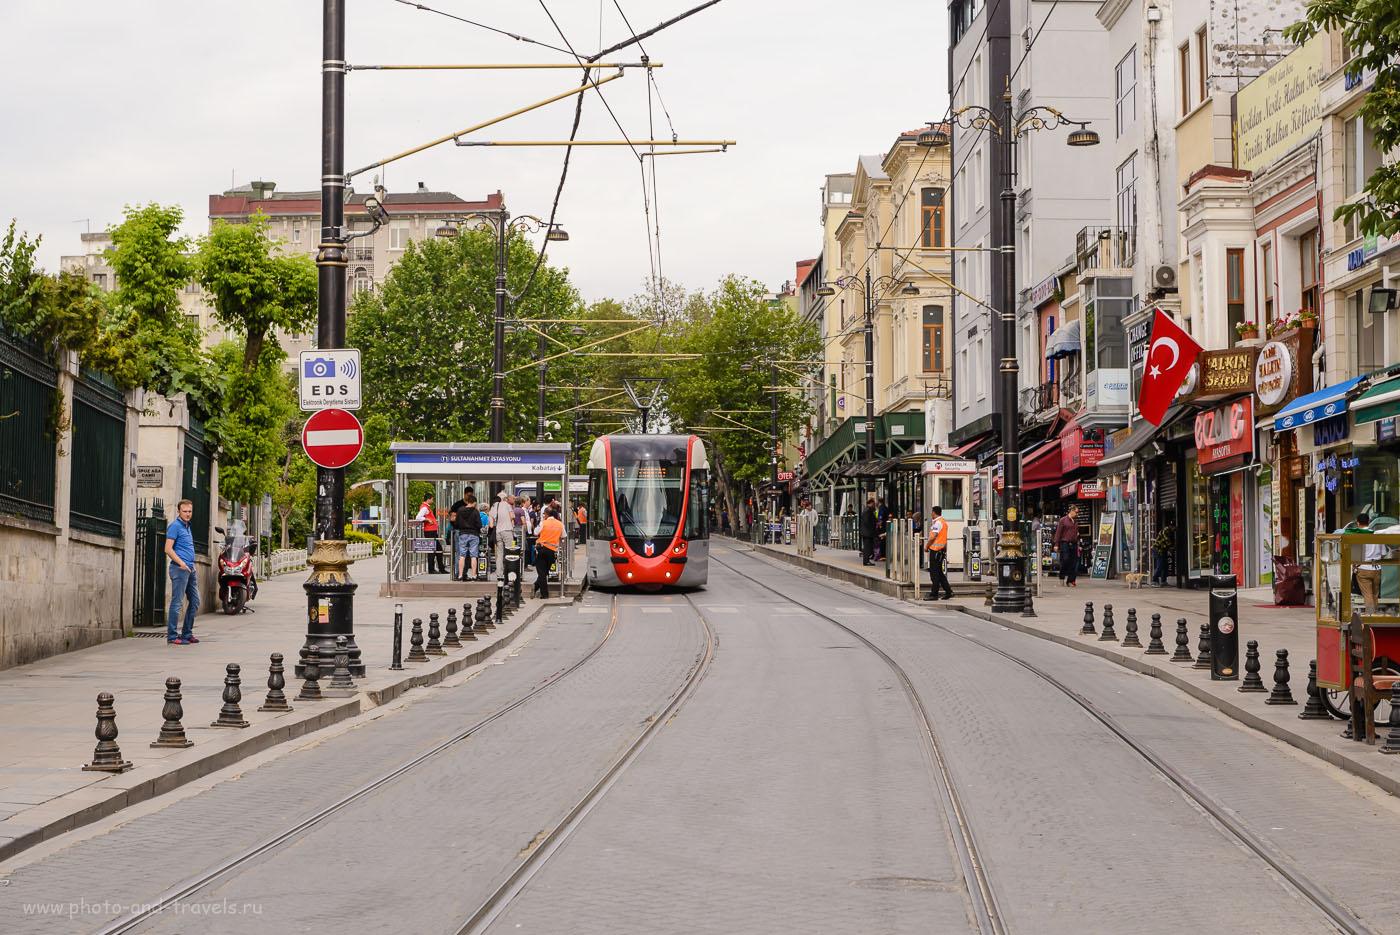 Фотография 5. Остановка «Султанахмет» в Стамбуле. Как добраться из аэропорта в центр. Отзывы туристов об отдыхе в Турции самостоятельно в 2016 году. 1/500, 8.0, 400, 70.